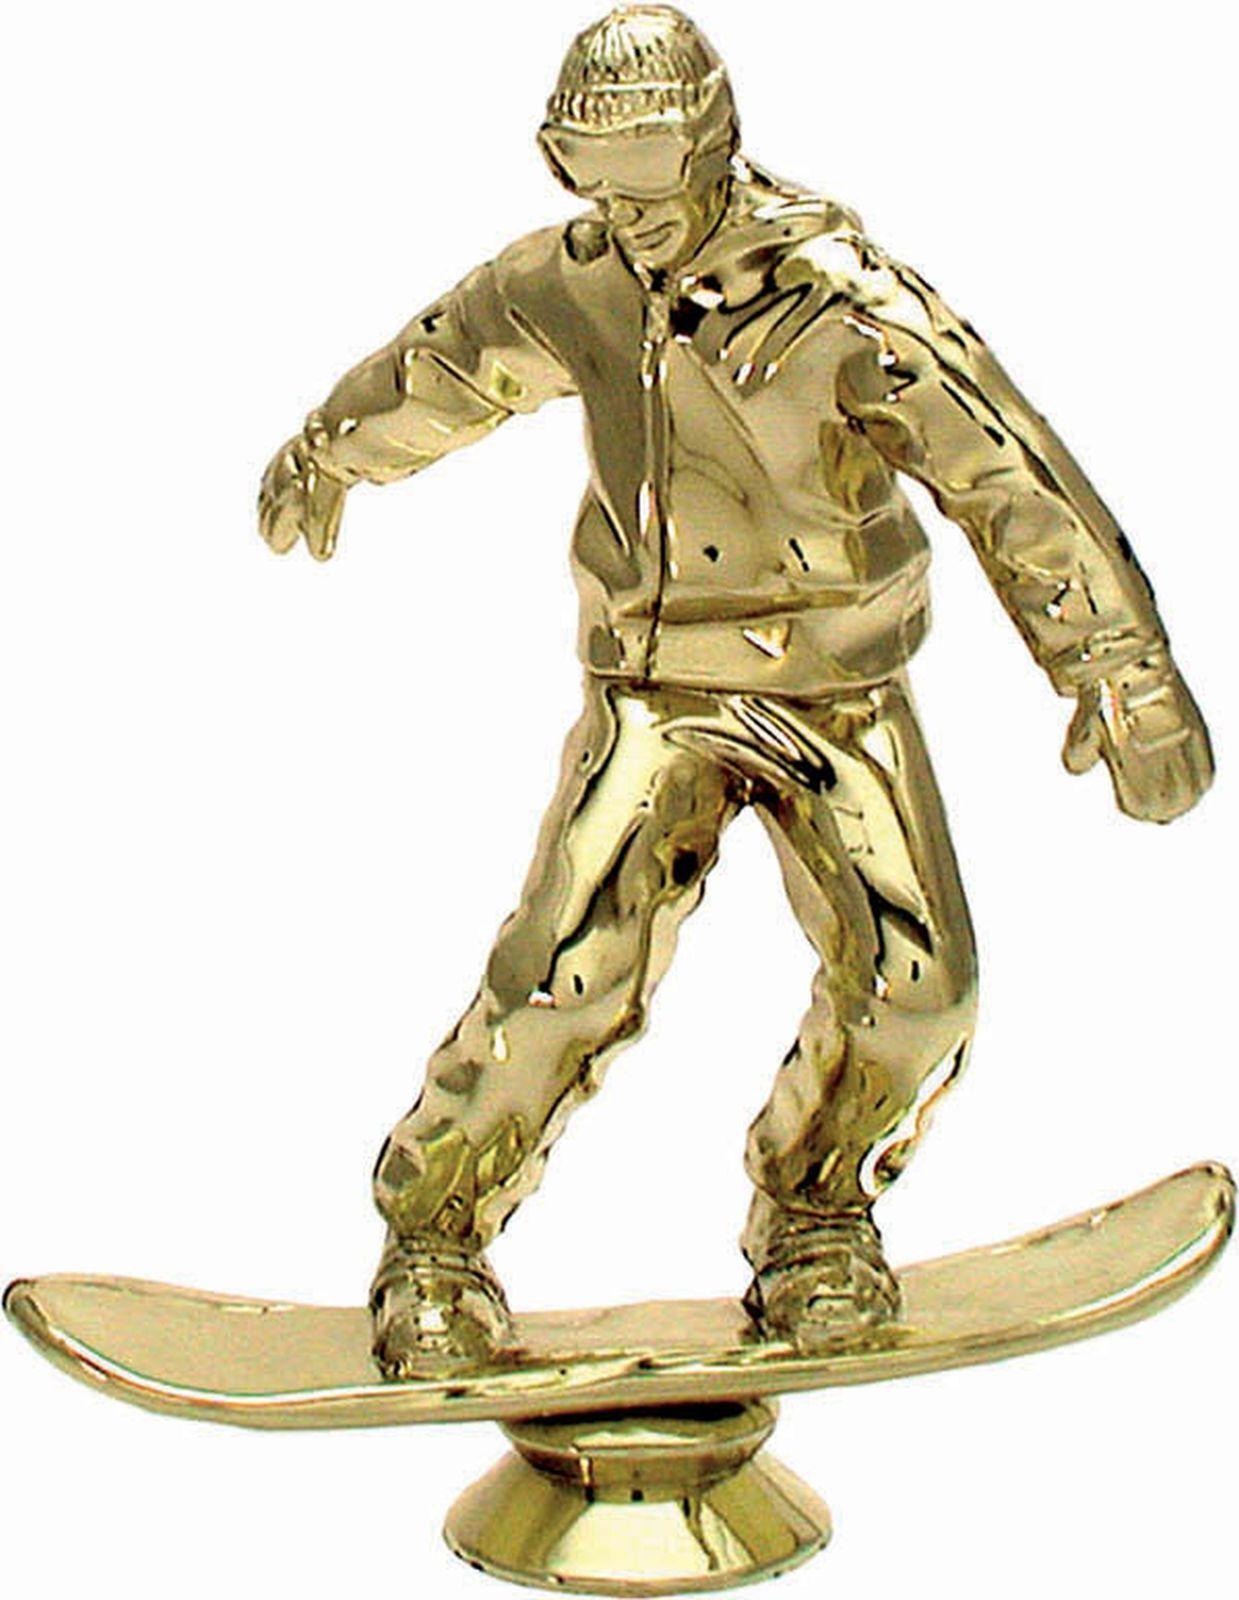 10 figuras snowboard 3d con mármol  2 (trofeos deportes de invierno medallas esquiar)